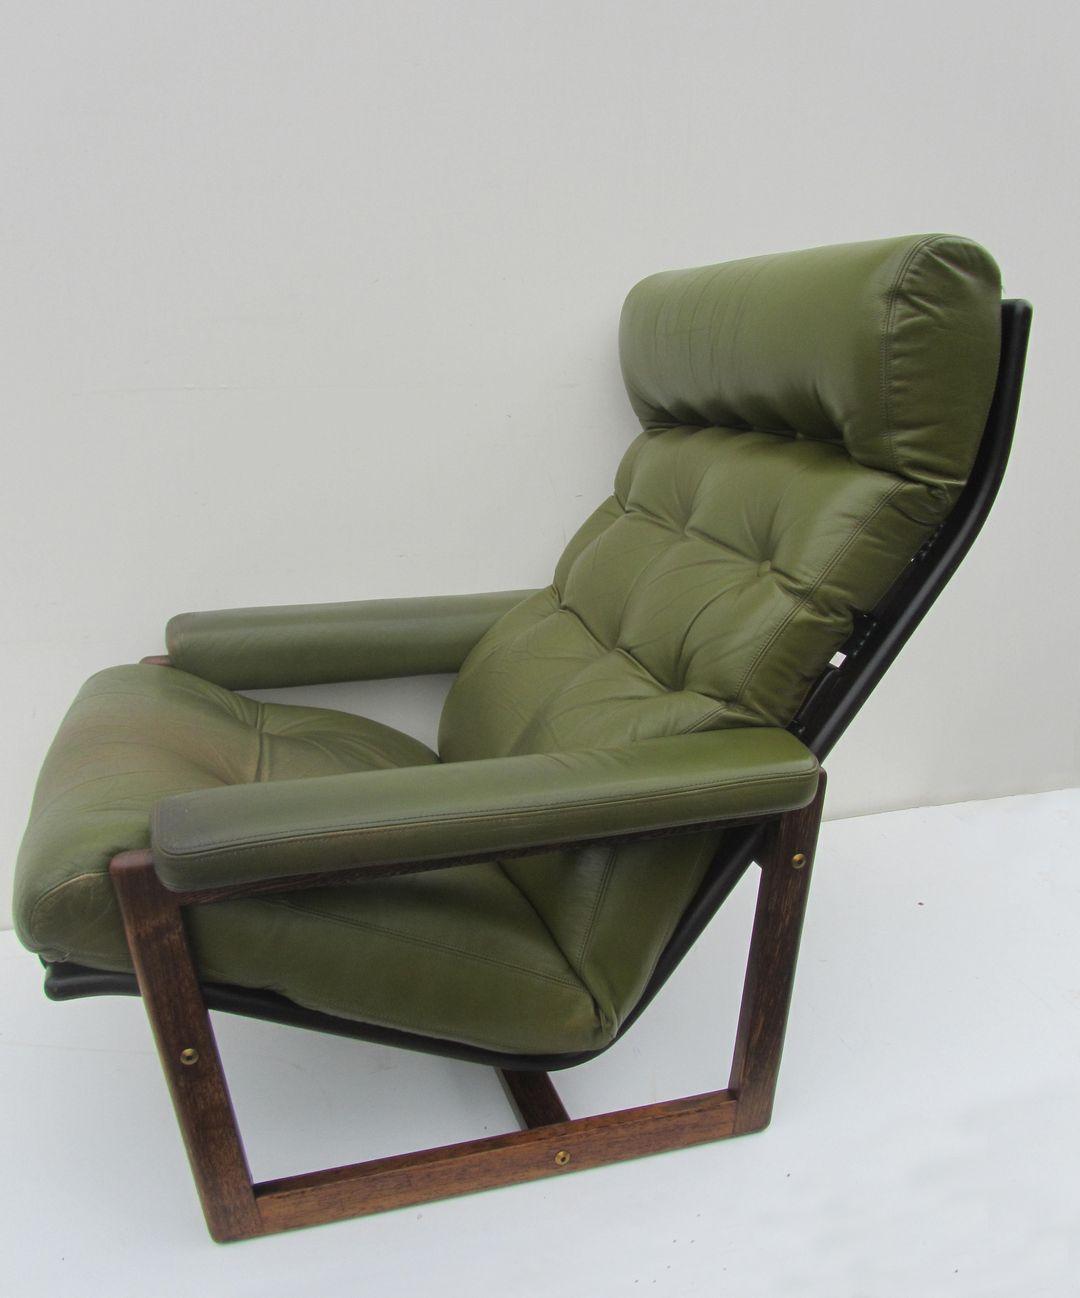 Fauteuil Leer Groen.Vintage Scandinavische Goja Leren Fauteuil